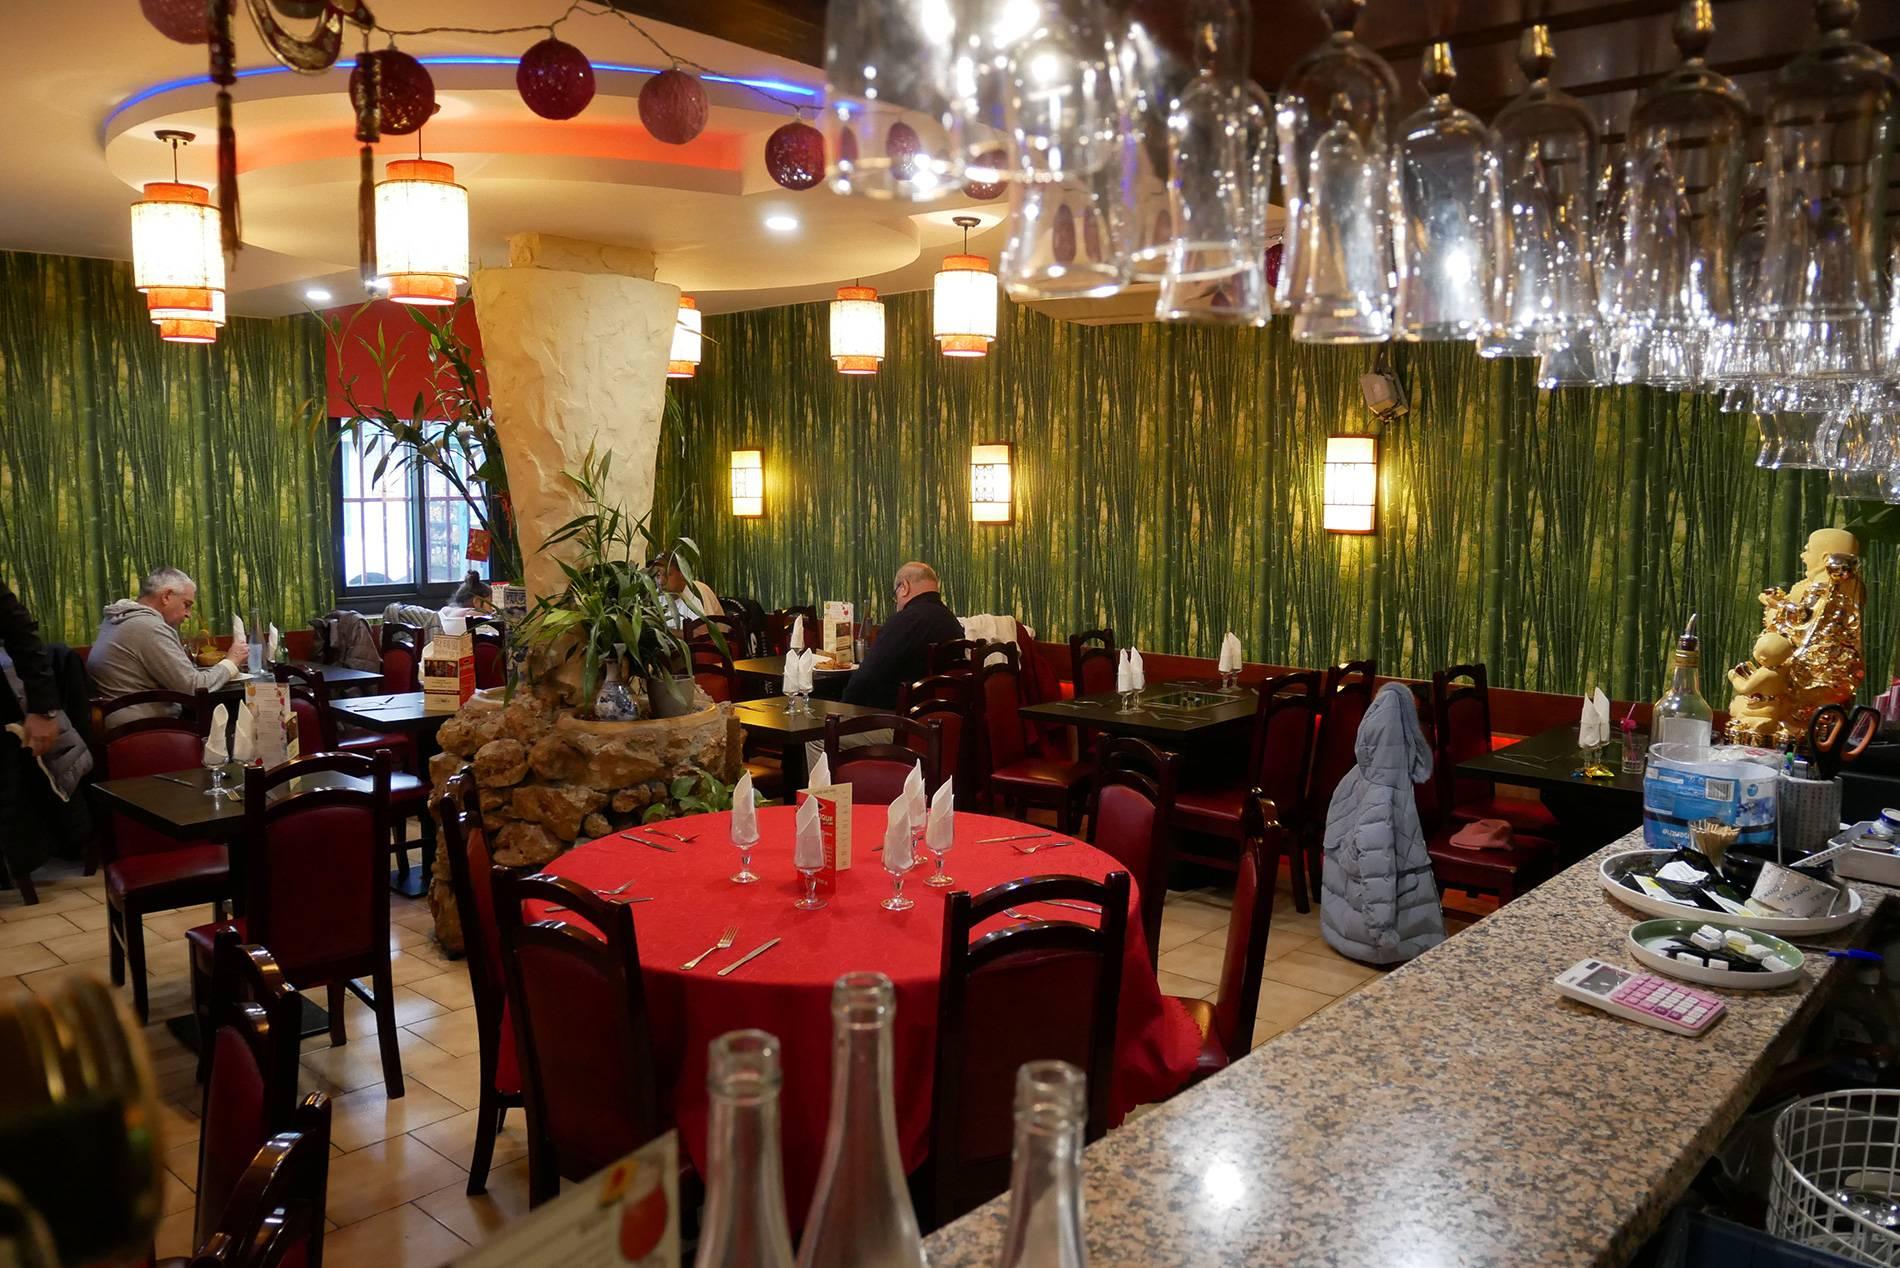 Restaurant Asiatiques  Marseille Livraison A Domicile